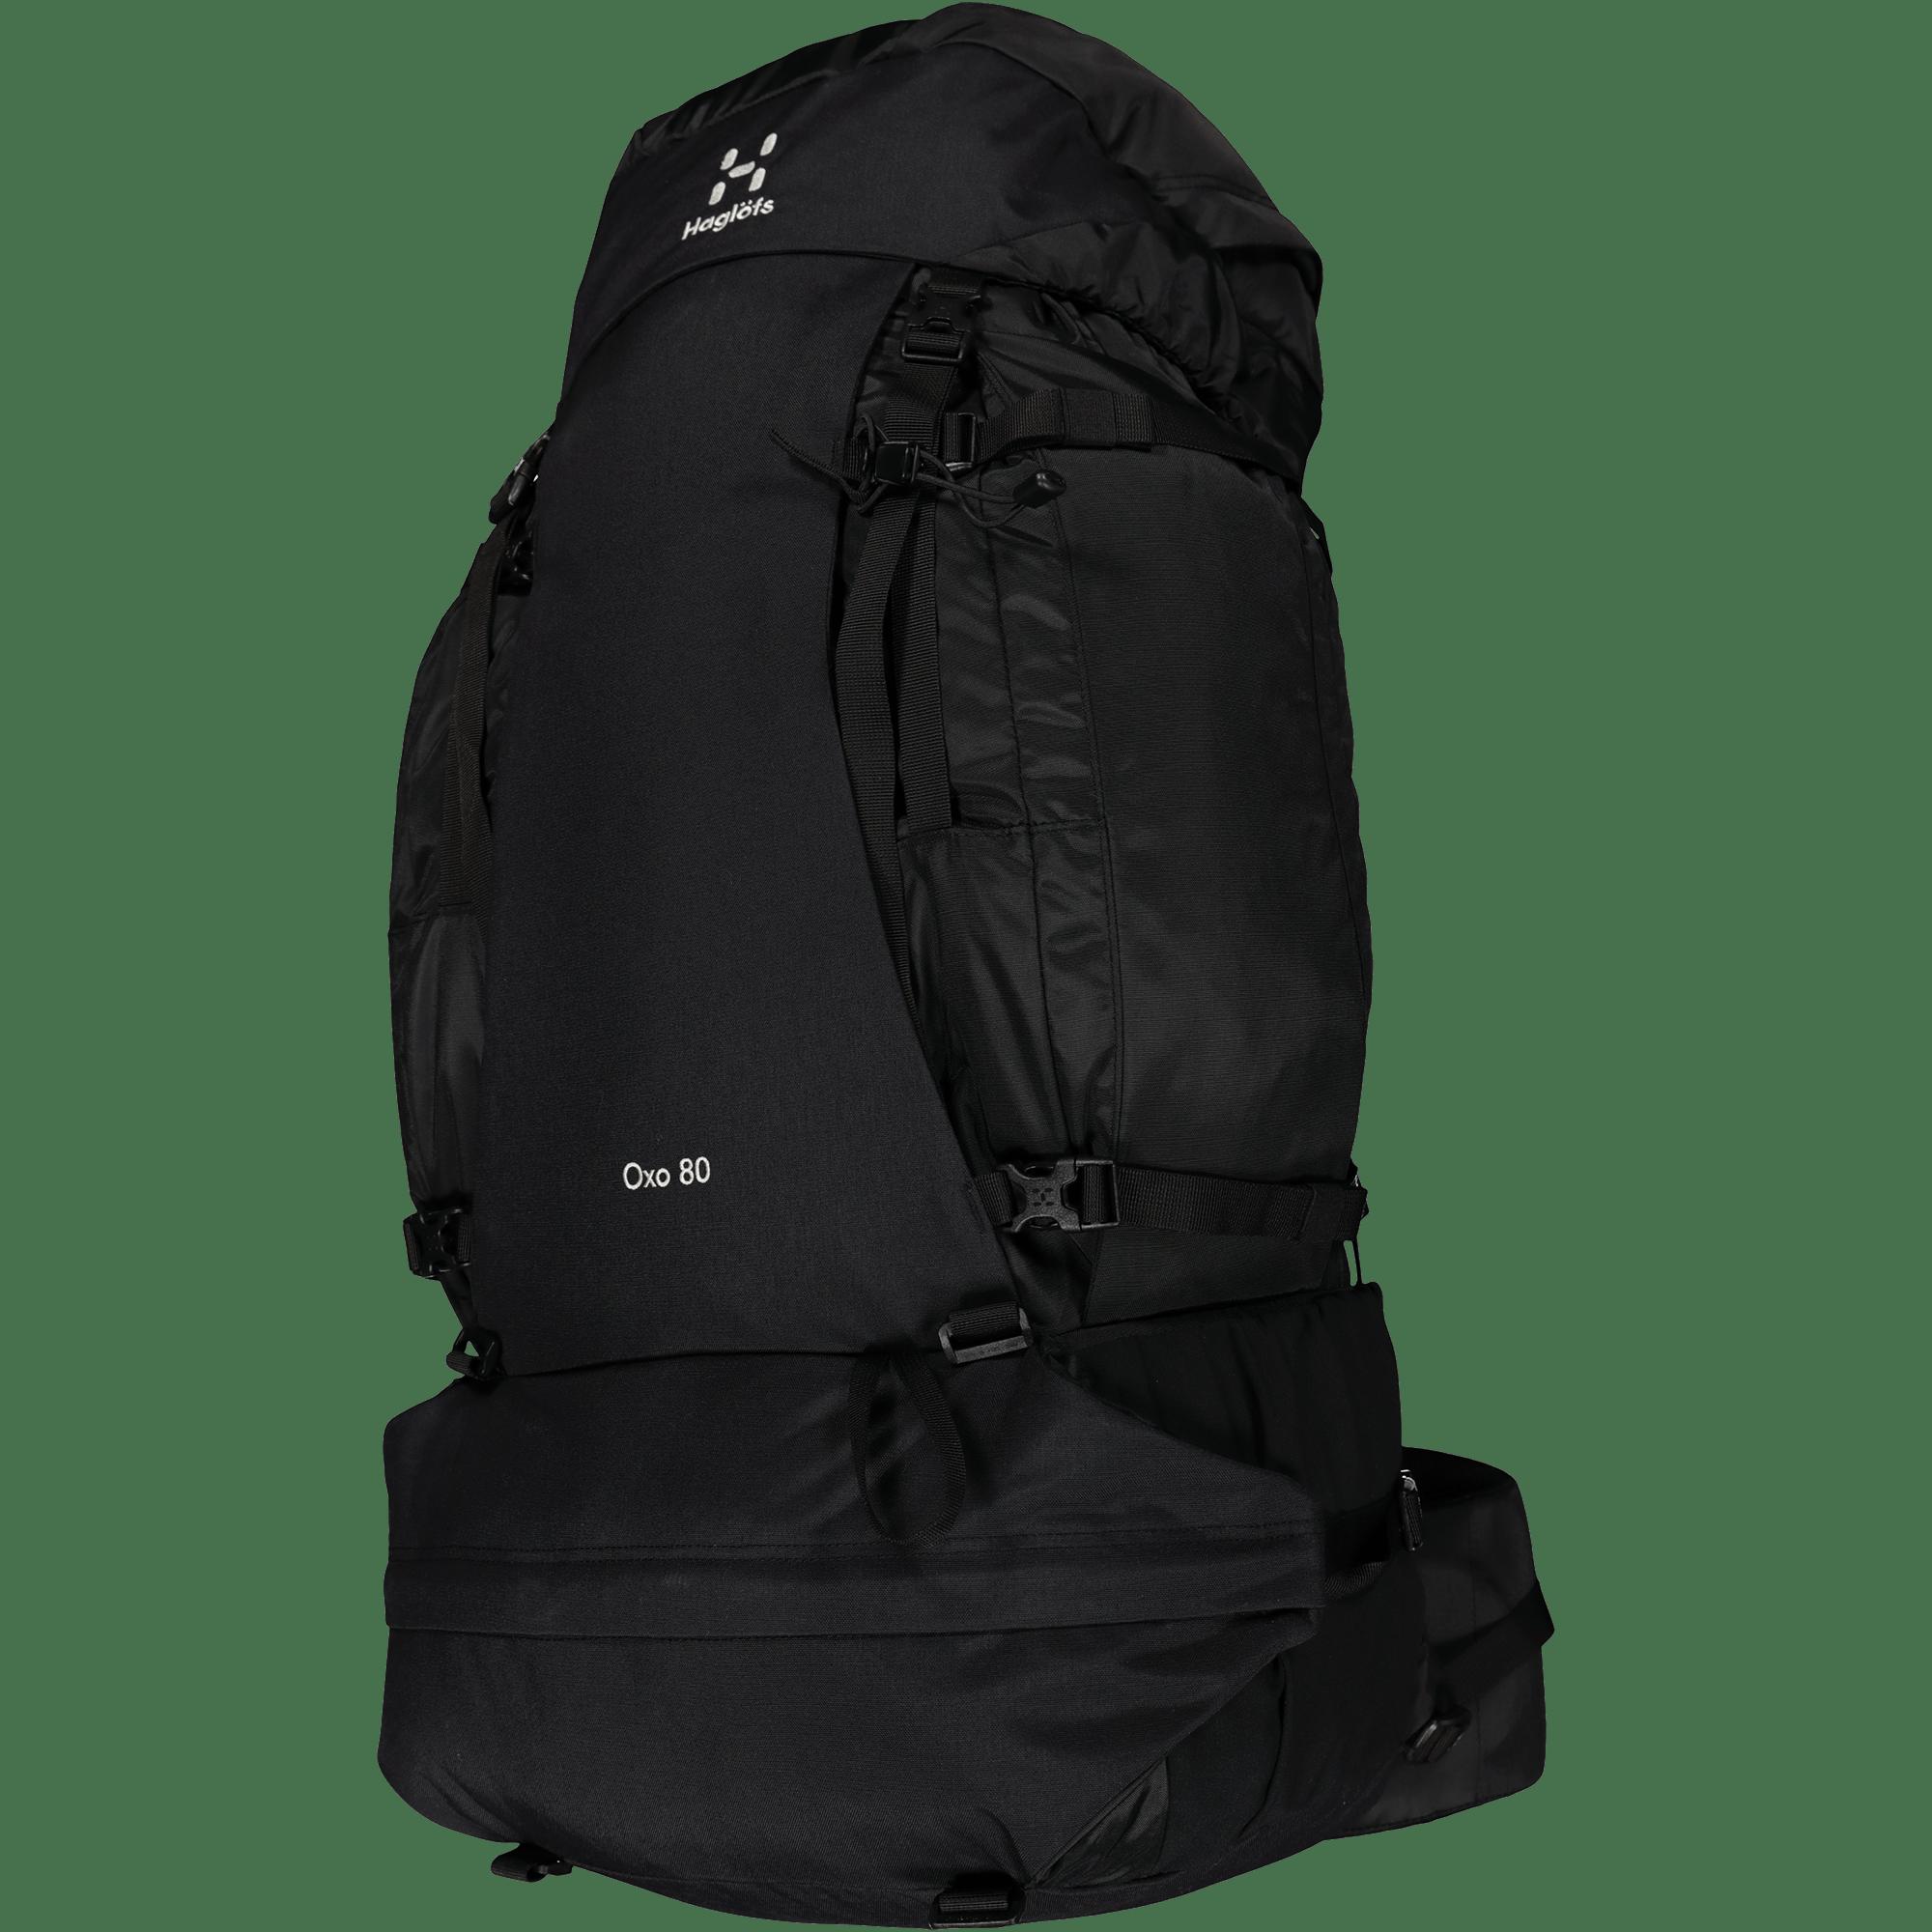 Oxo 80, turrygsæk, Sort | rygsæk og rejsetaske